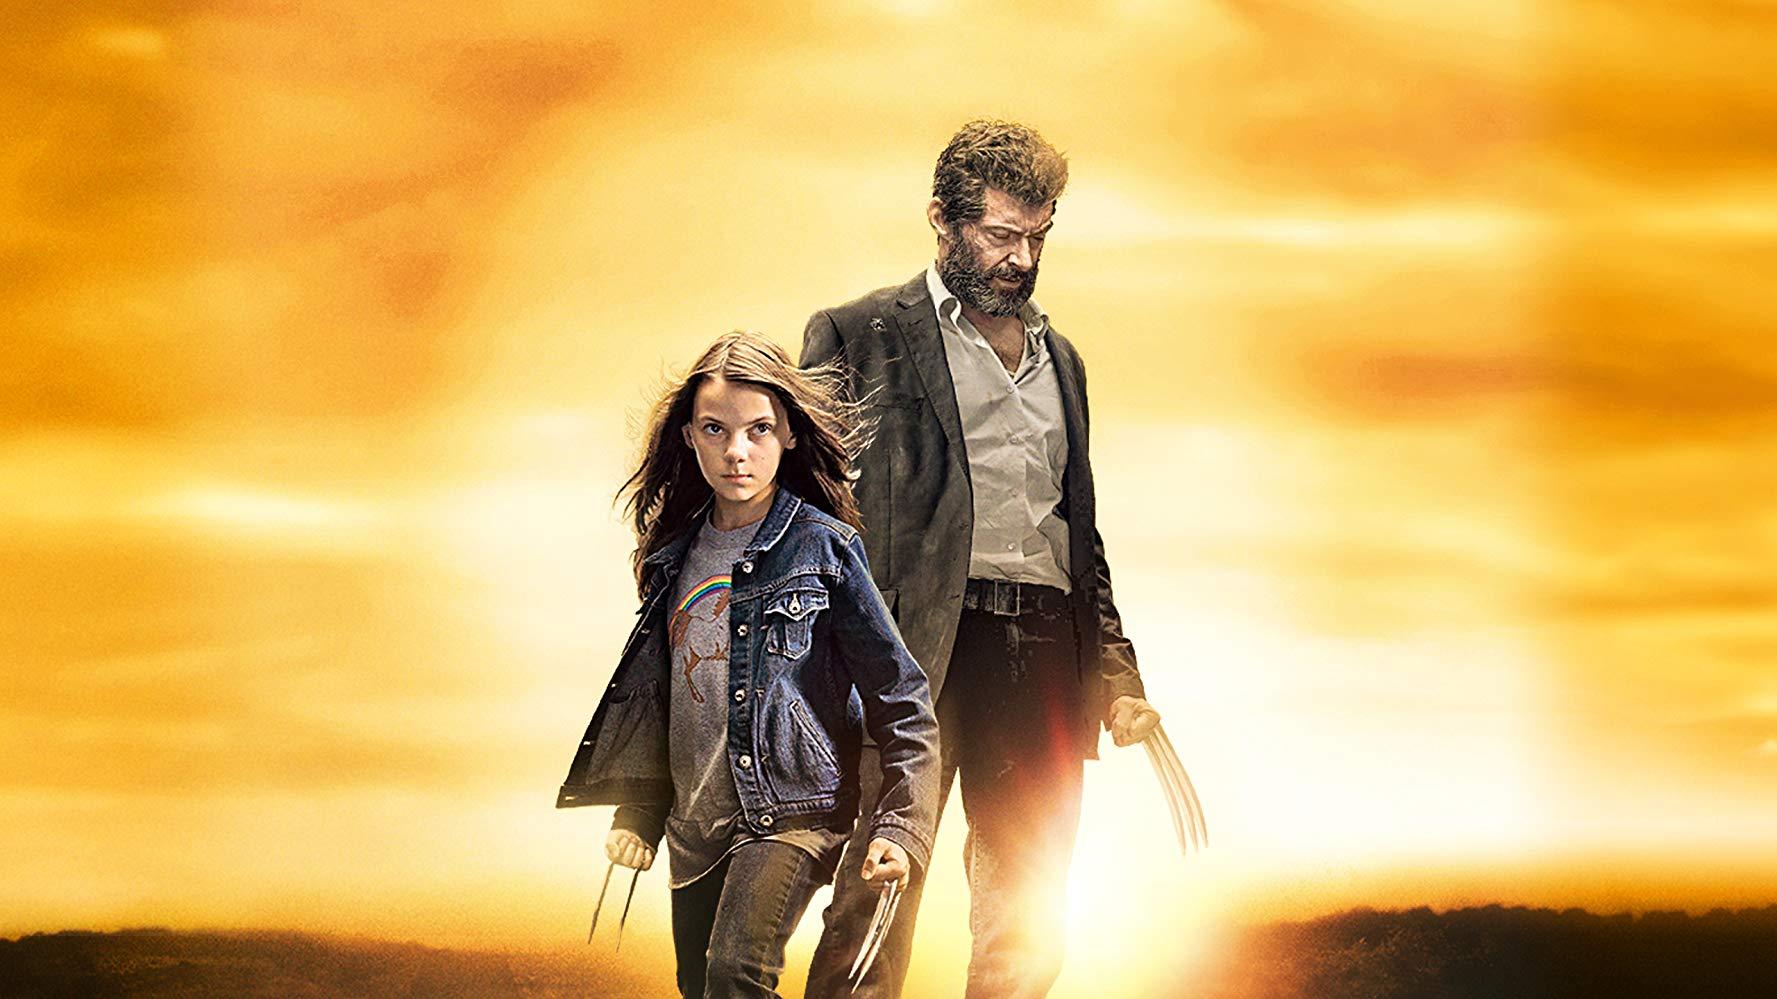 دانلود فیلم لوگان (Logan 2017) با دوبله فارسی